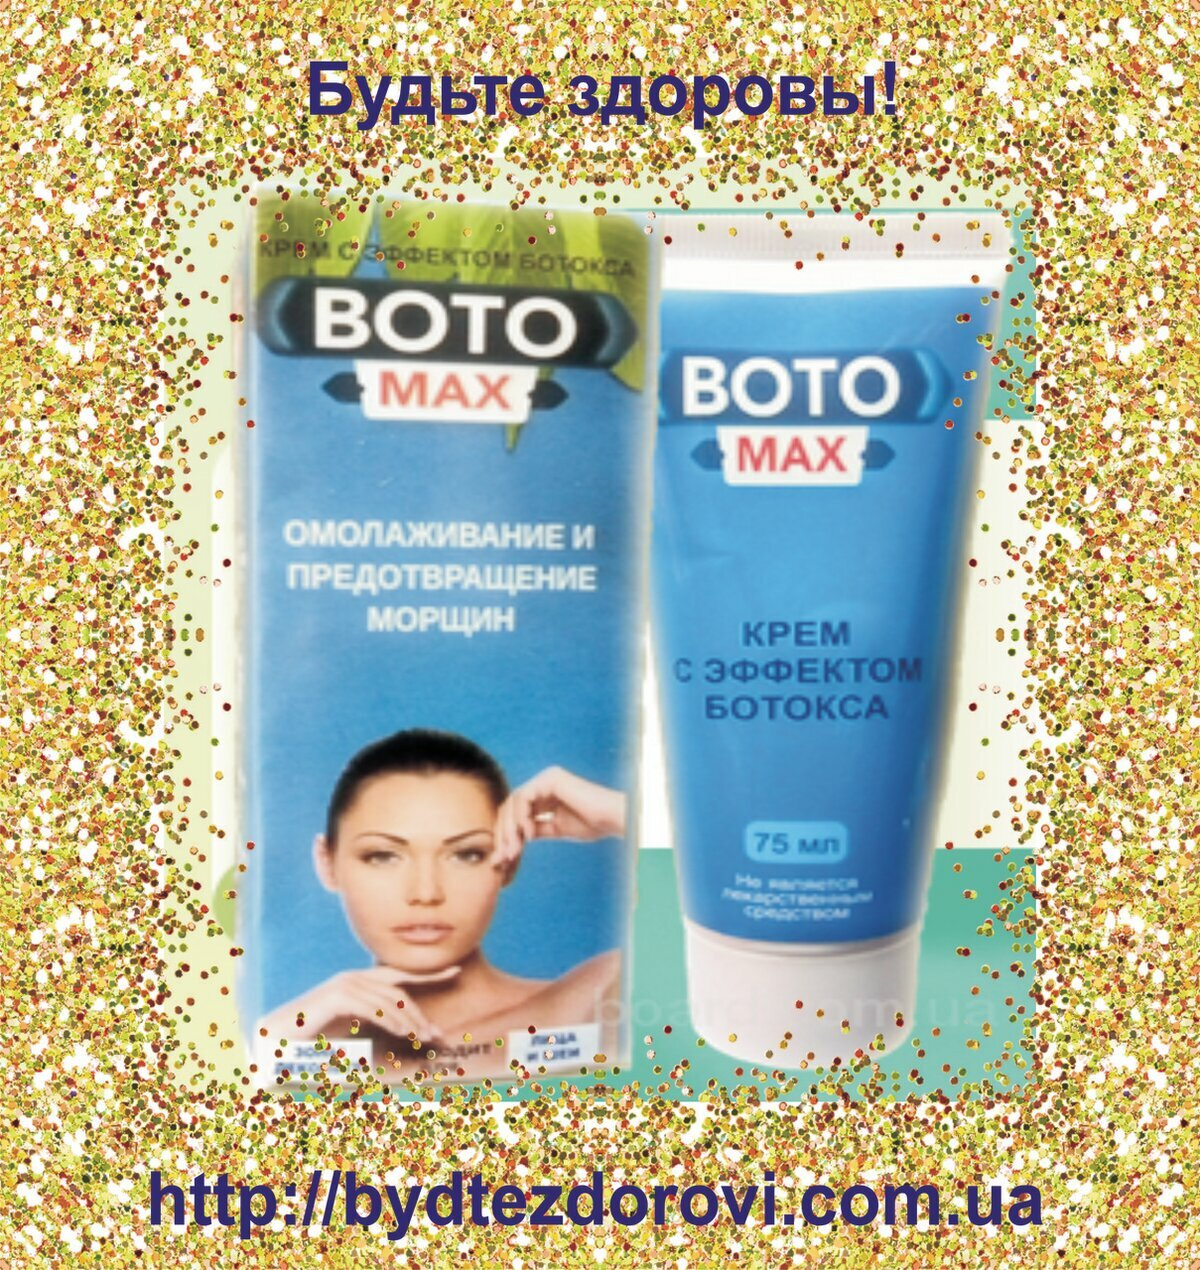 BOTO MAX - крем-спрей с эффектом ботокса в Екатеринбурге